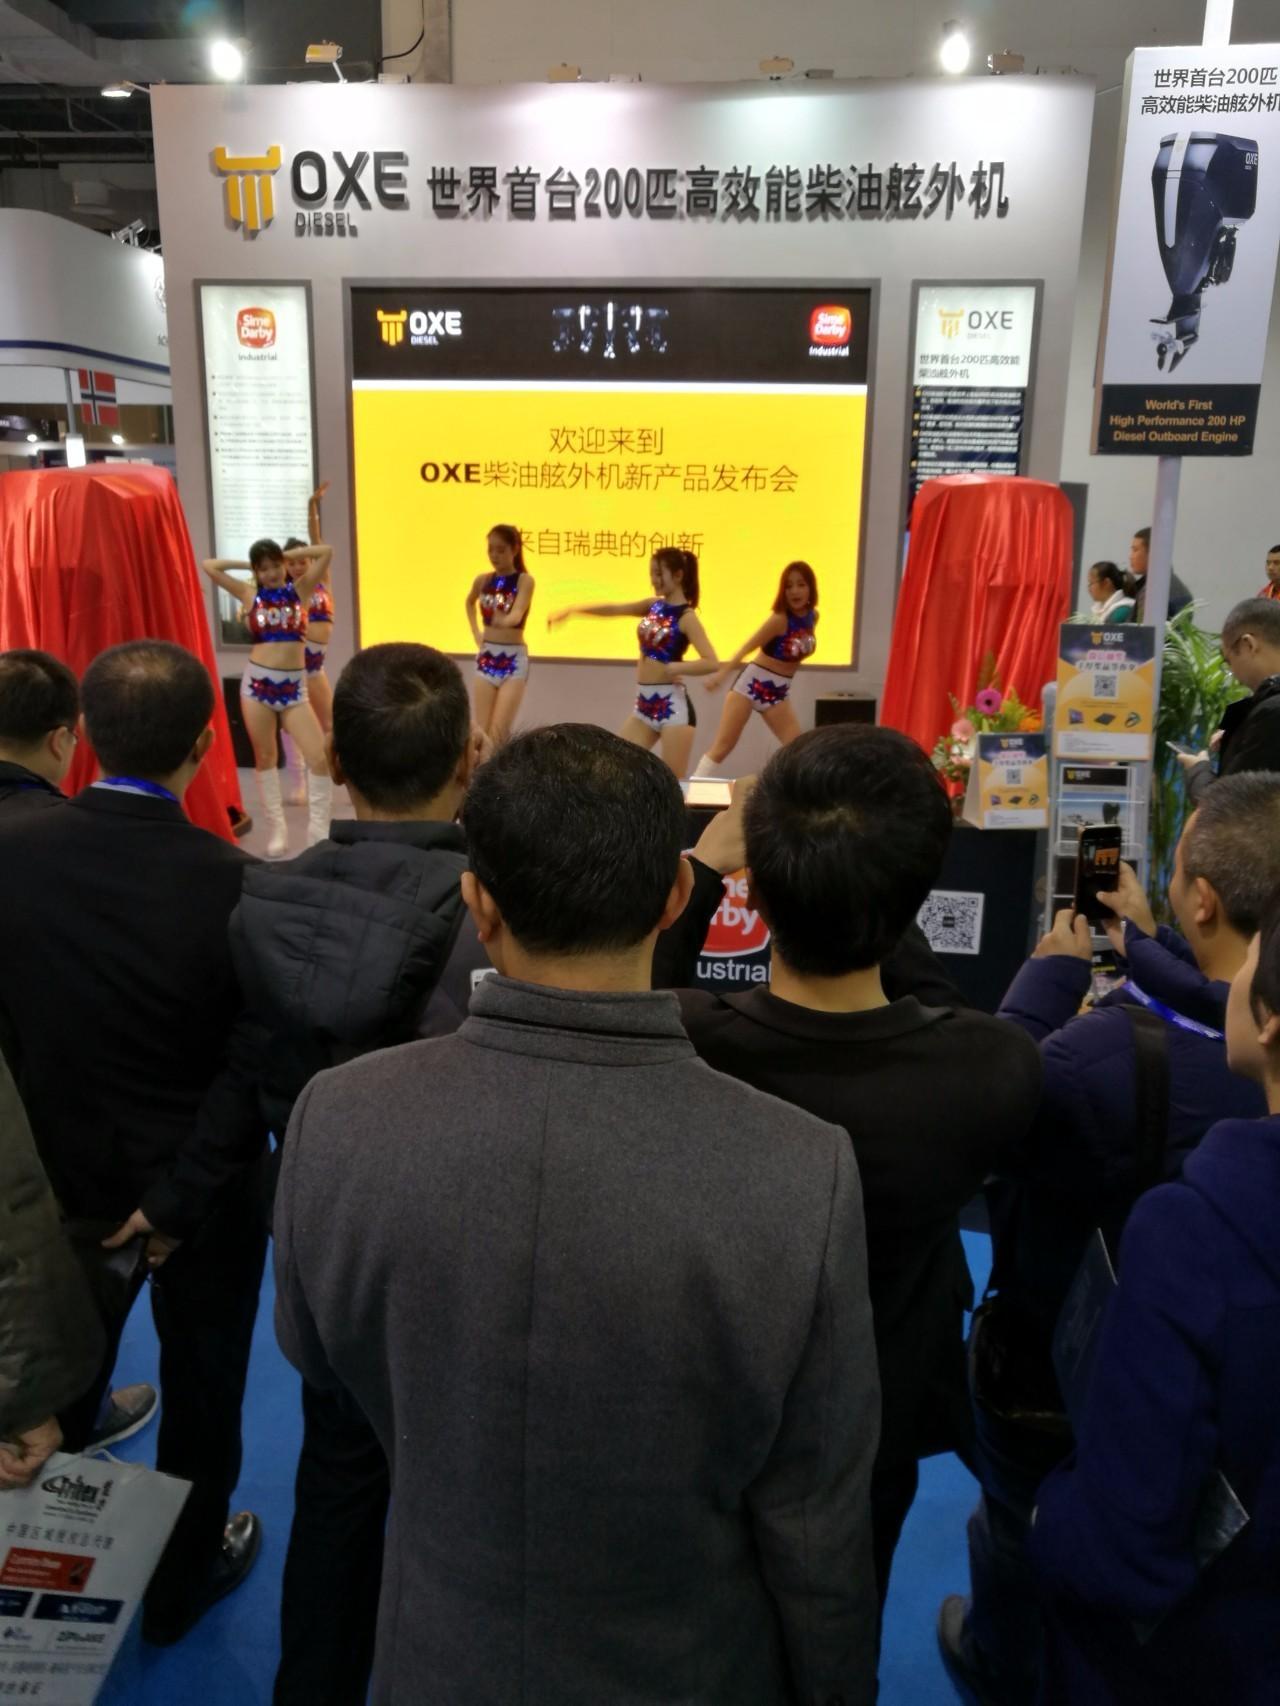 盛大揭幕 2016上海国际商用及公务船舶展览会与11月29日上午盛大揭幕! ec474289da6cf490e62c12af93d535cd.jpg